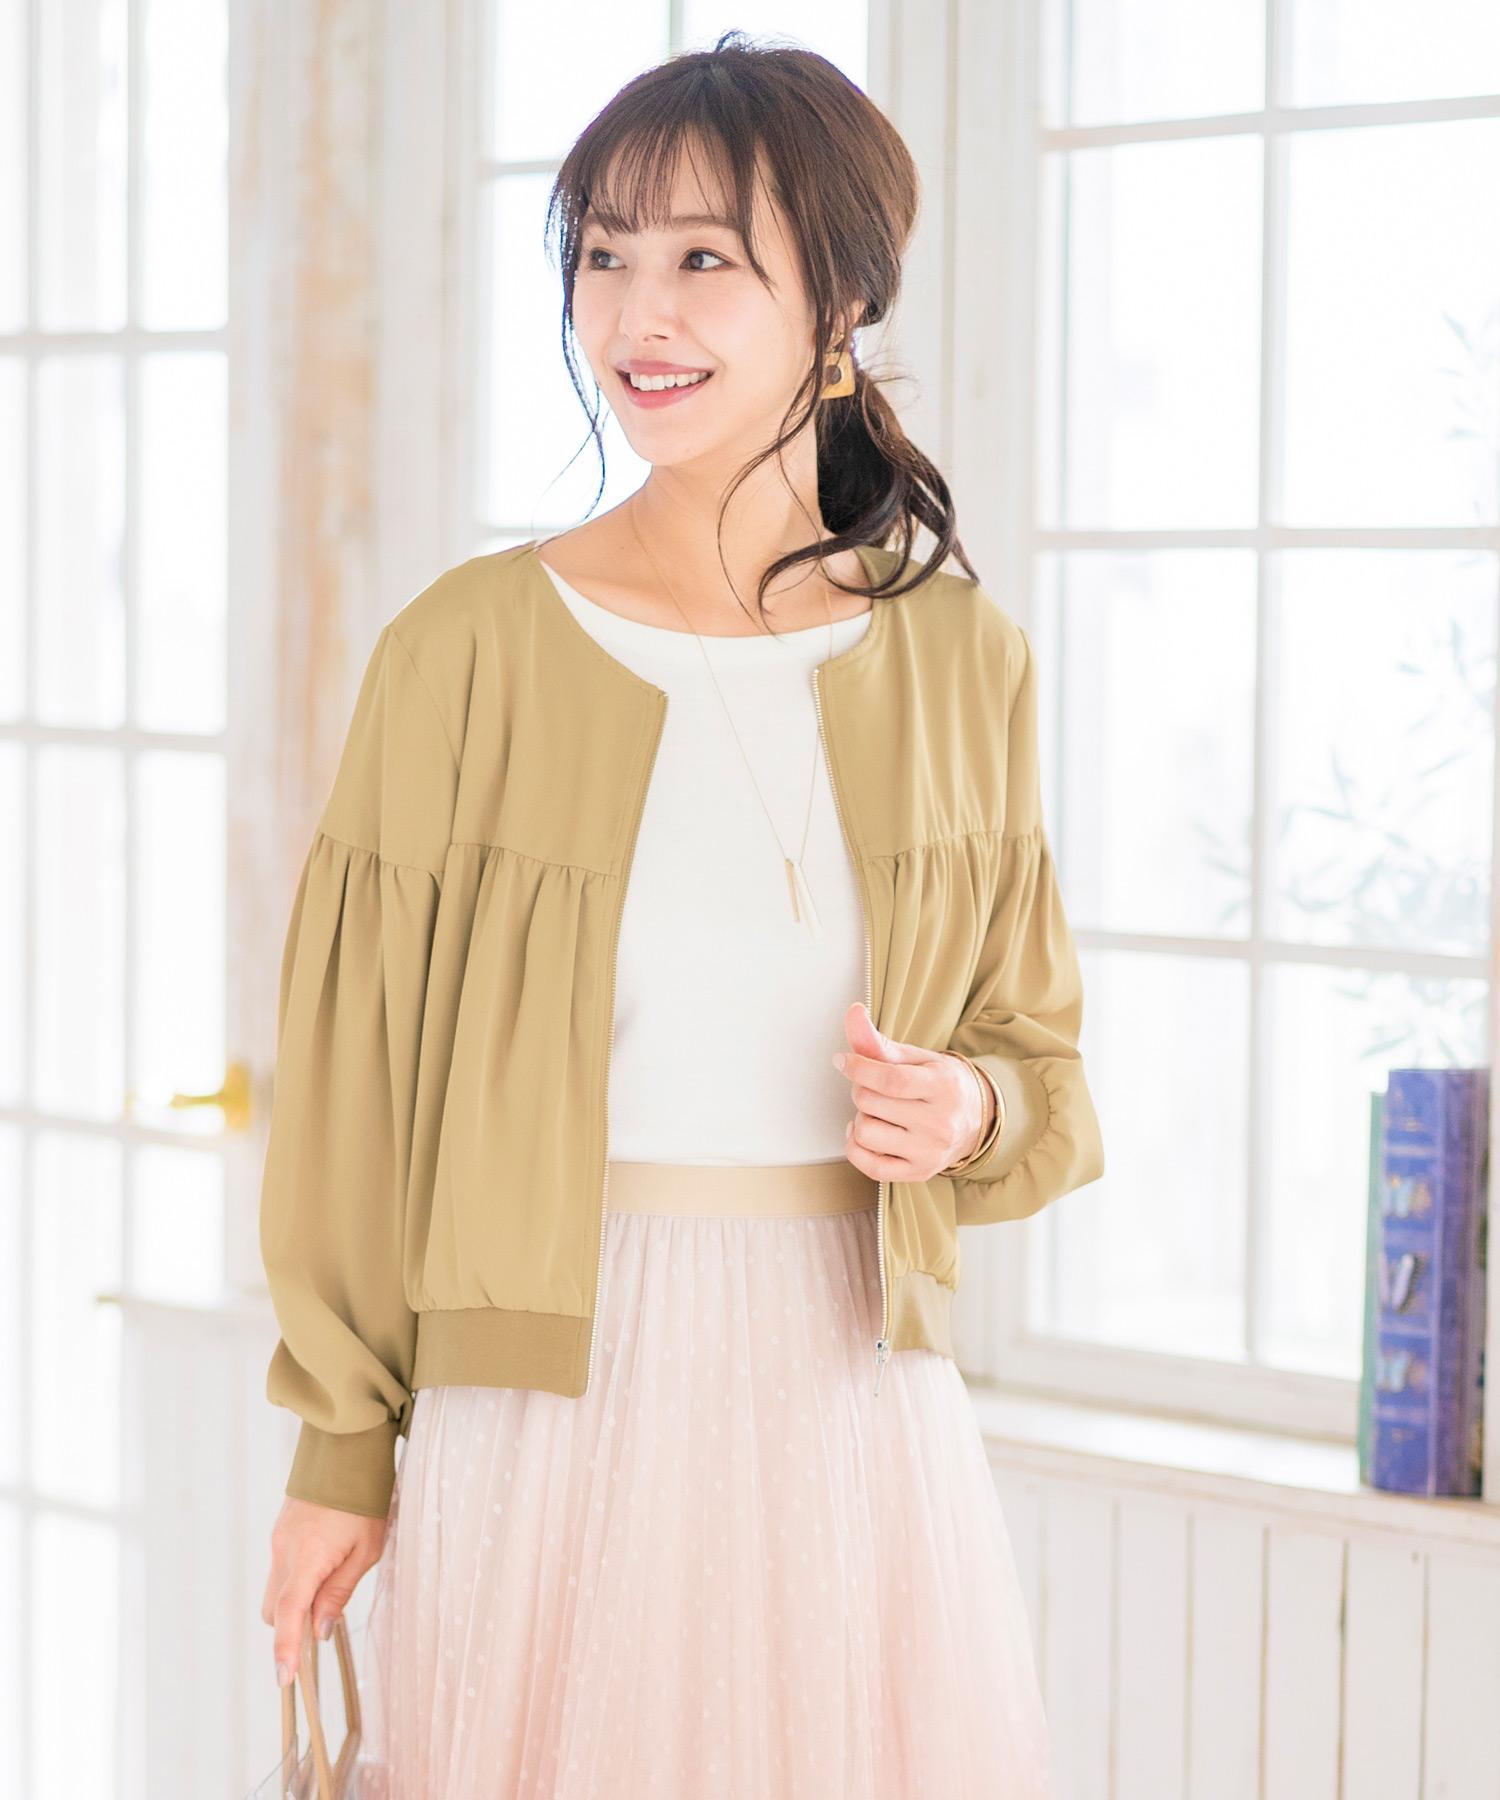 FEERICHELU から着やすさ抜群のシンプルジャケットが登場。春、秋、夏には冷房対策におすすめ。